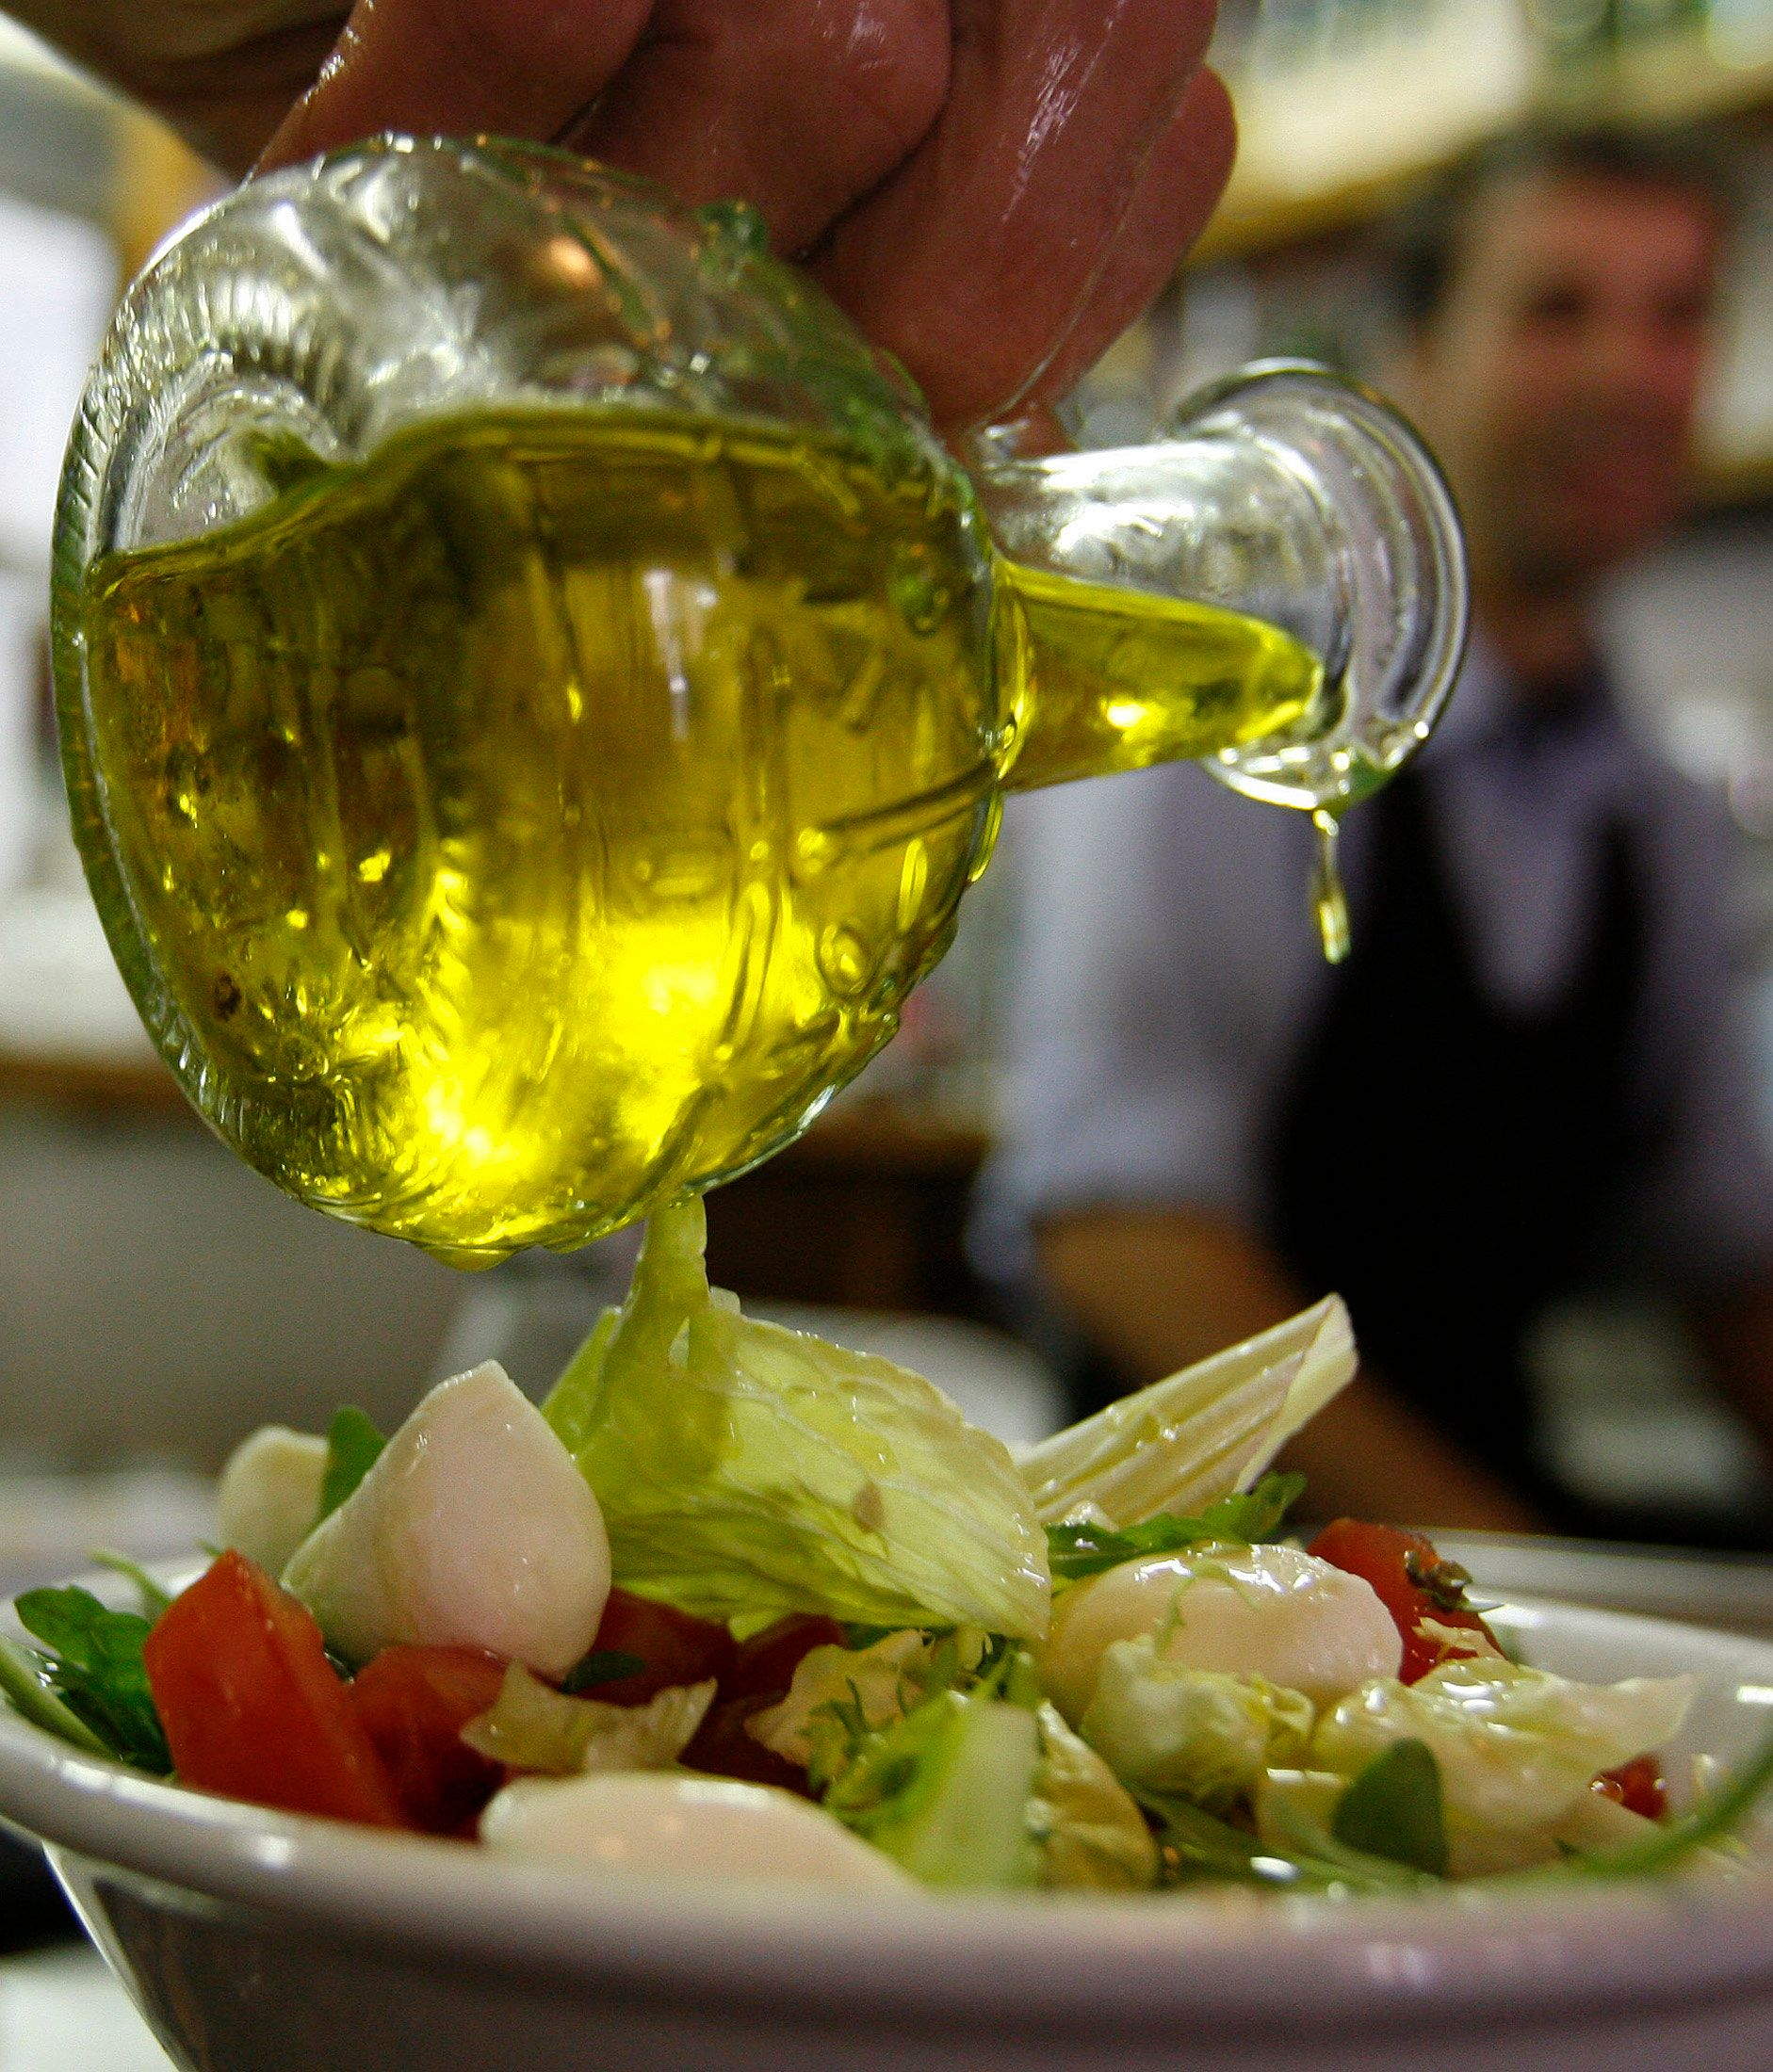 Τέλος το χύμα ελαιόλαδο στα εστιατόρια από την 1η Ιανουαρίου